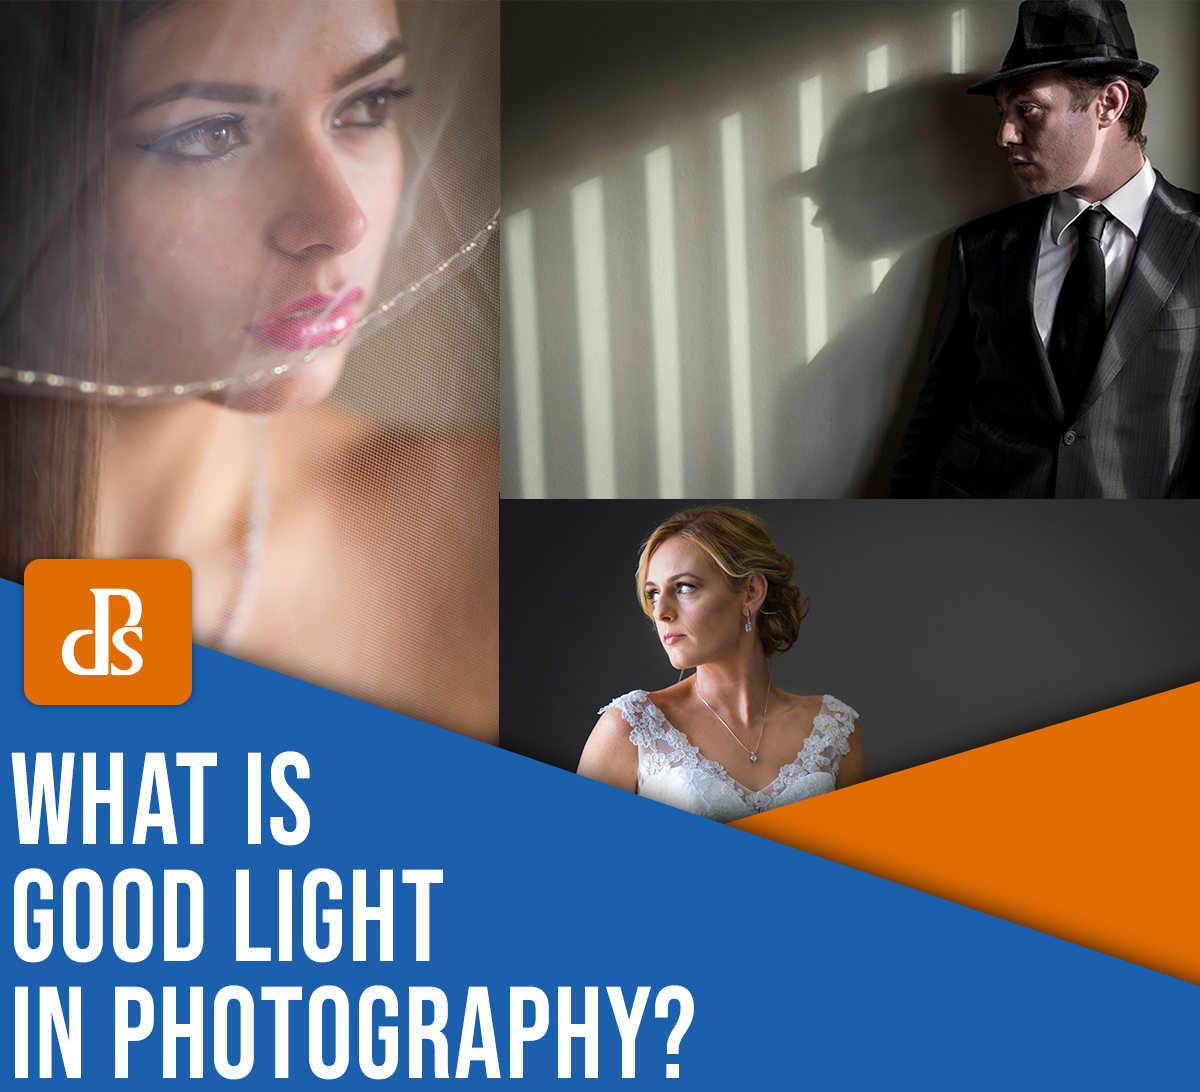 O que é uma boa luz na fotografia?